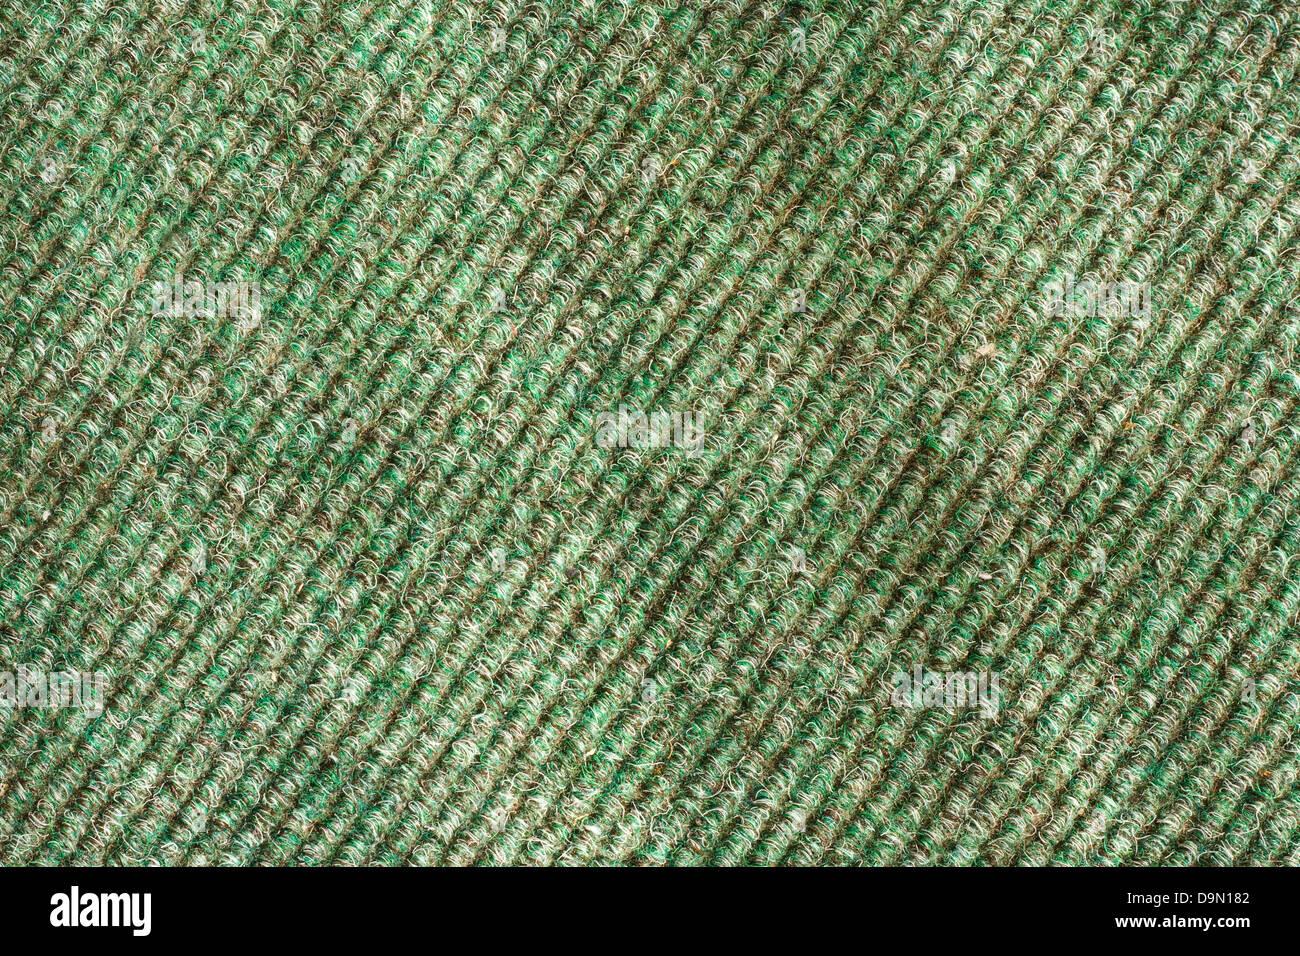 Grün, strapazierfähig Twist Teppich Textur oft auf Büroetagen finden Stockbild